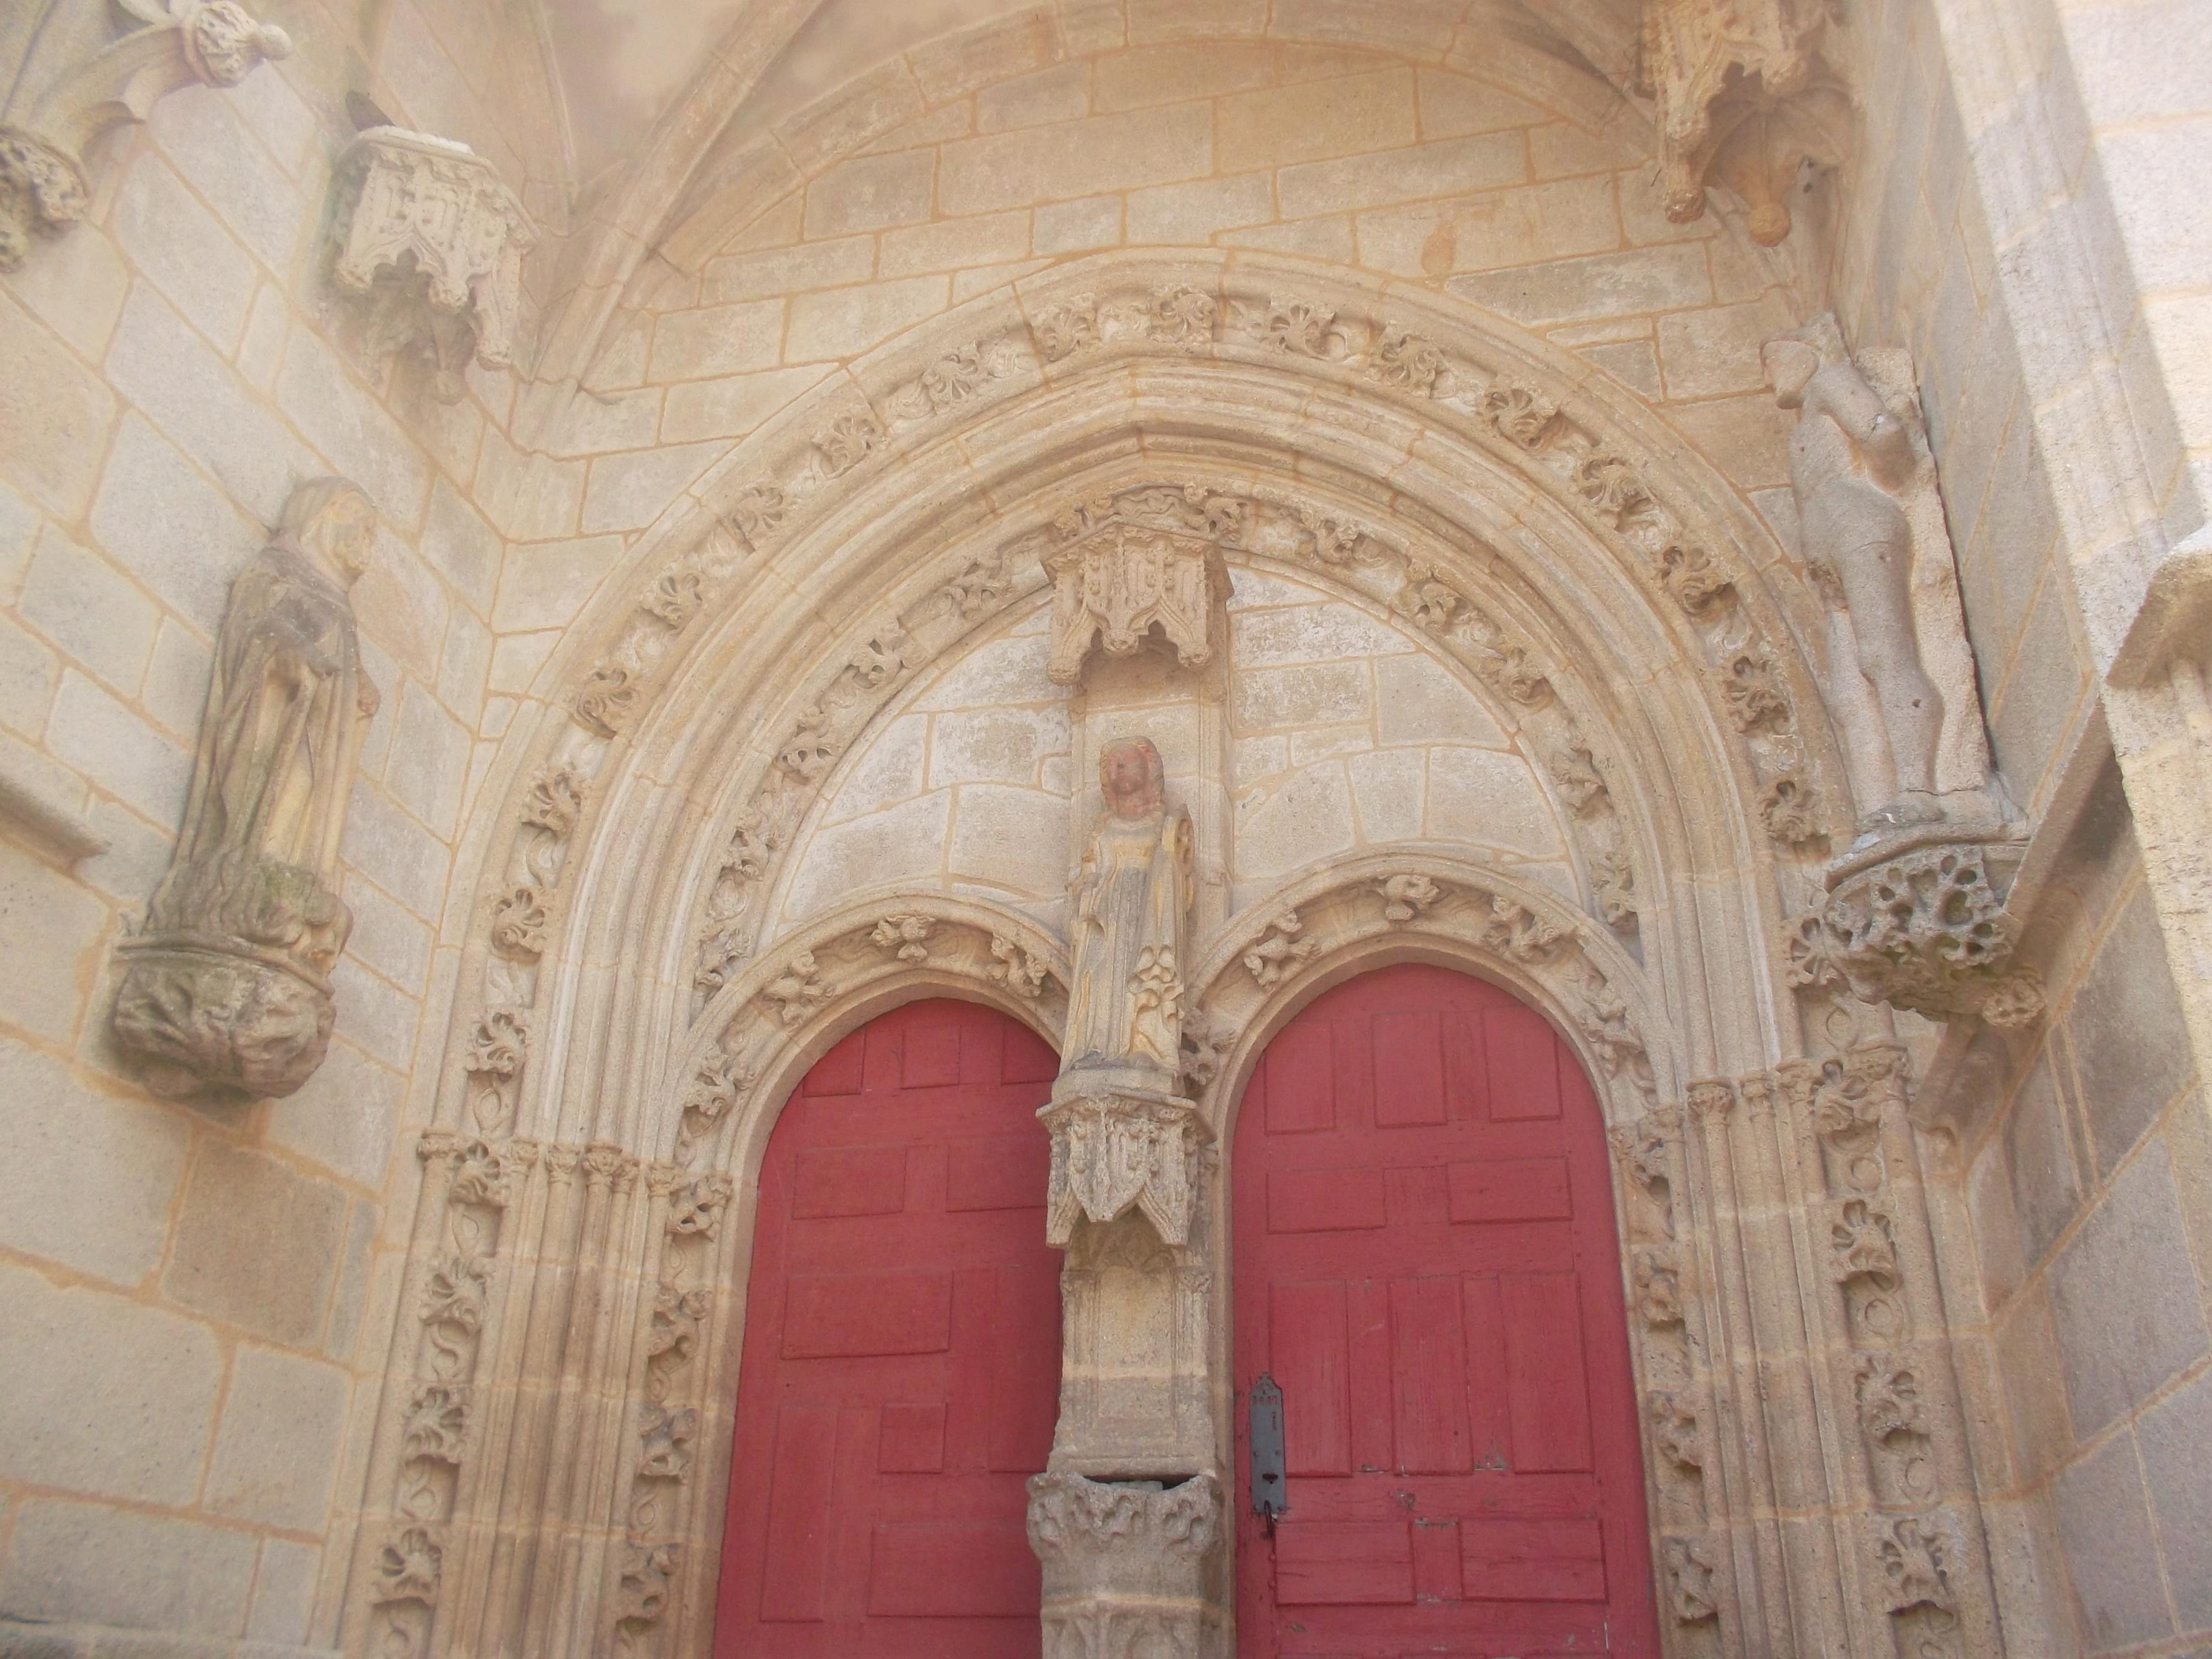 kernascleden-eg-notre-dame-de-kernascleden-fr-portico-door-jun13